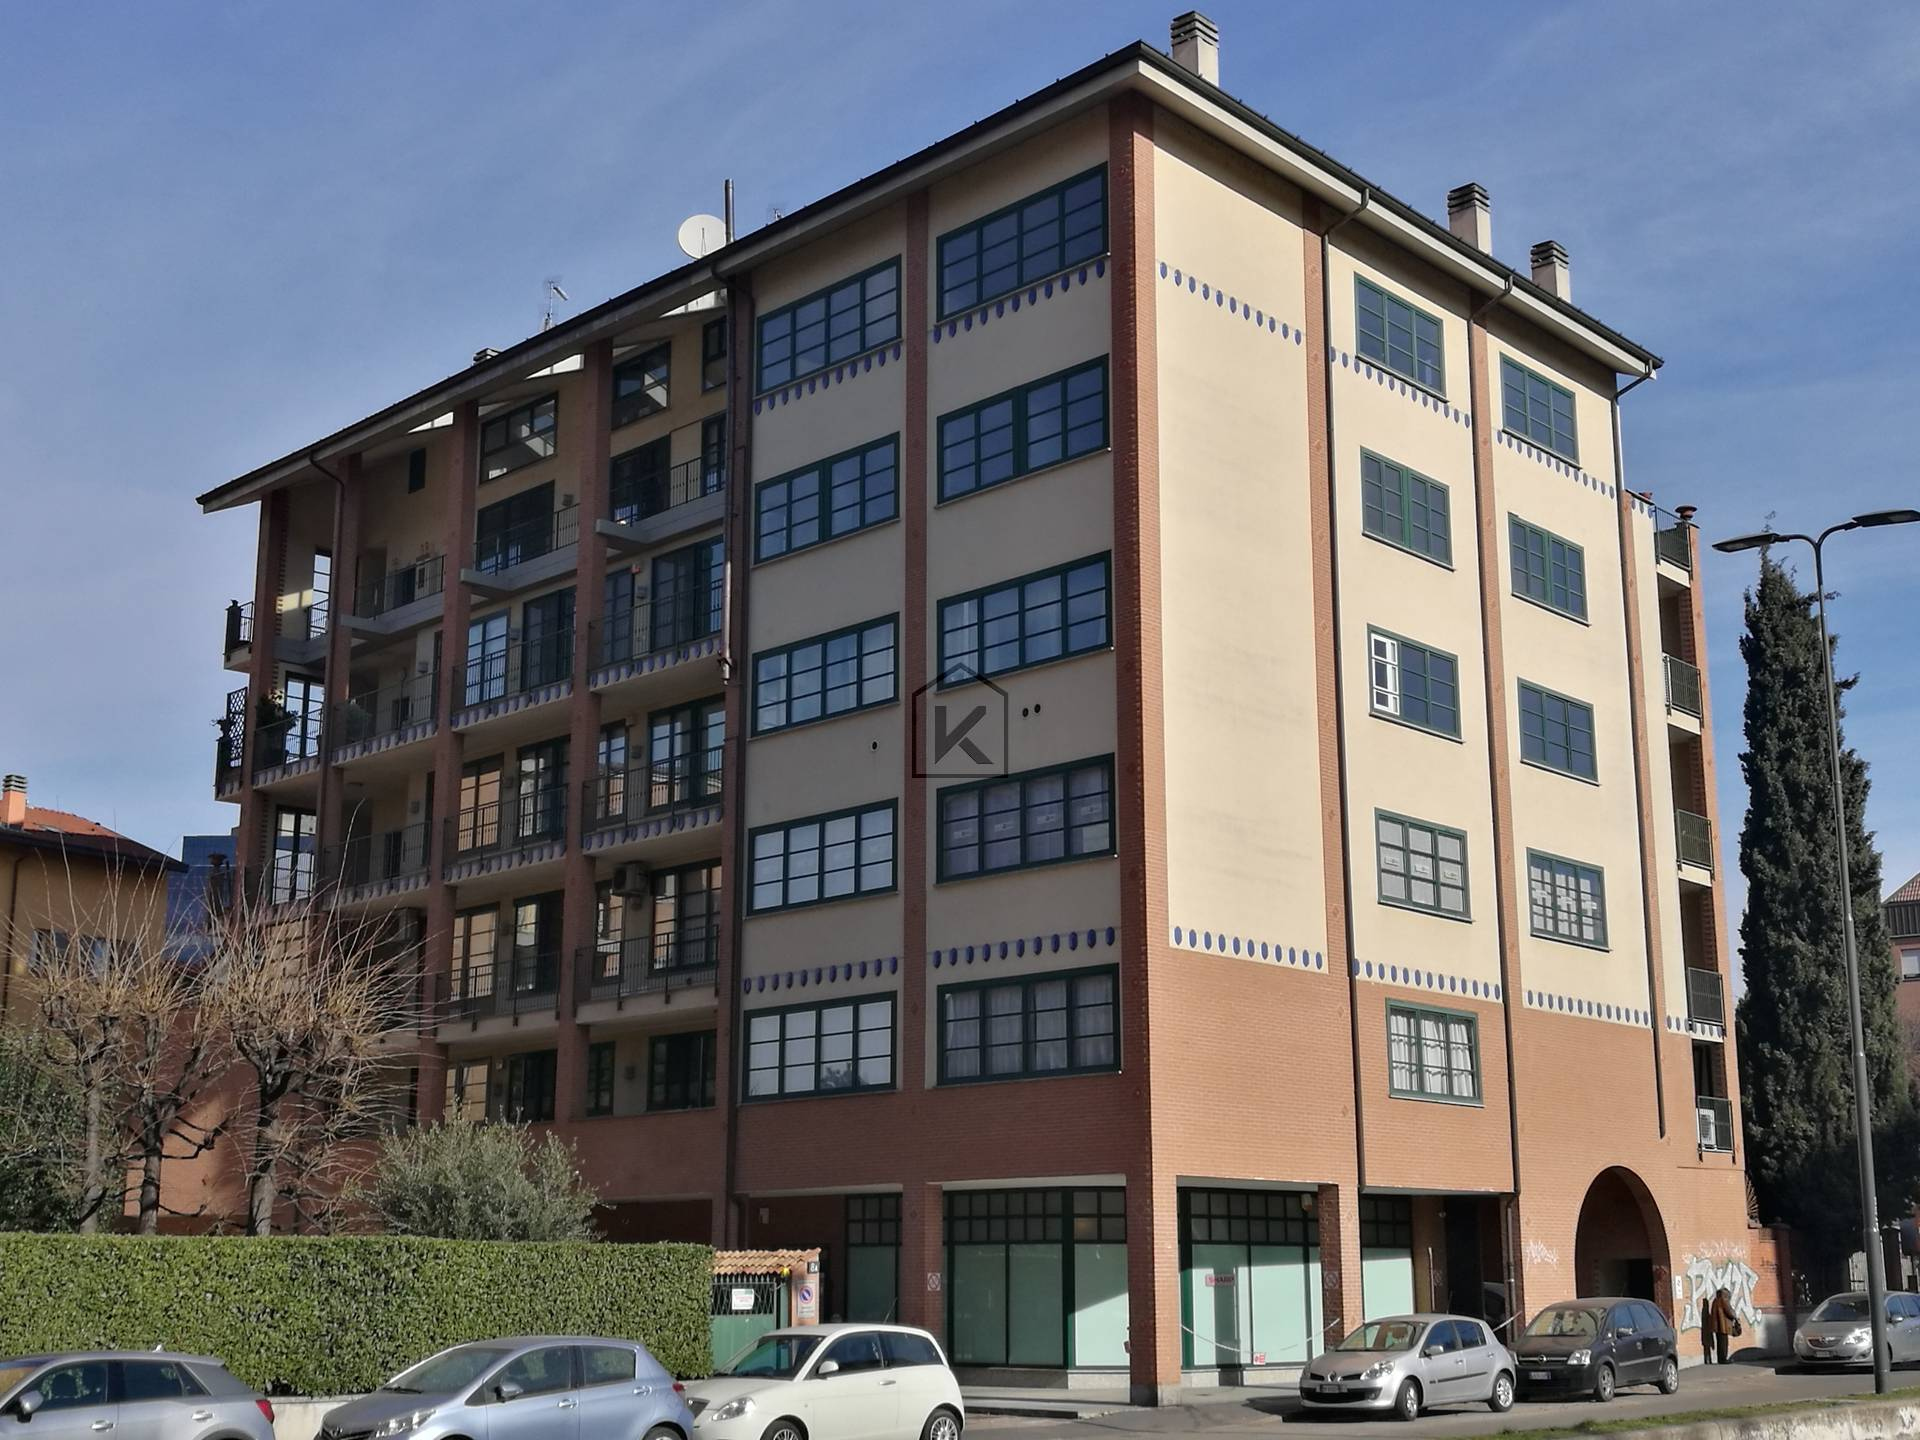 Laboratorio in Vendita a Milano 25 Cassala / Famagosta / Lorenteggio / Barona: 1 locali, 260 mq